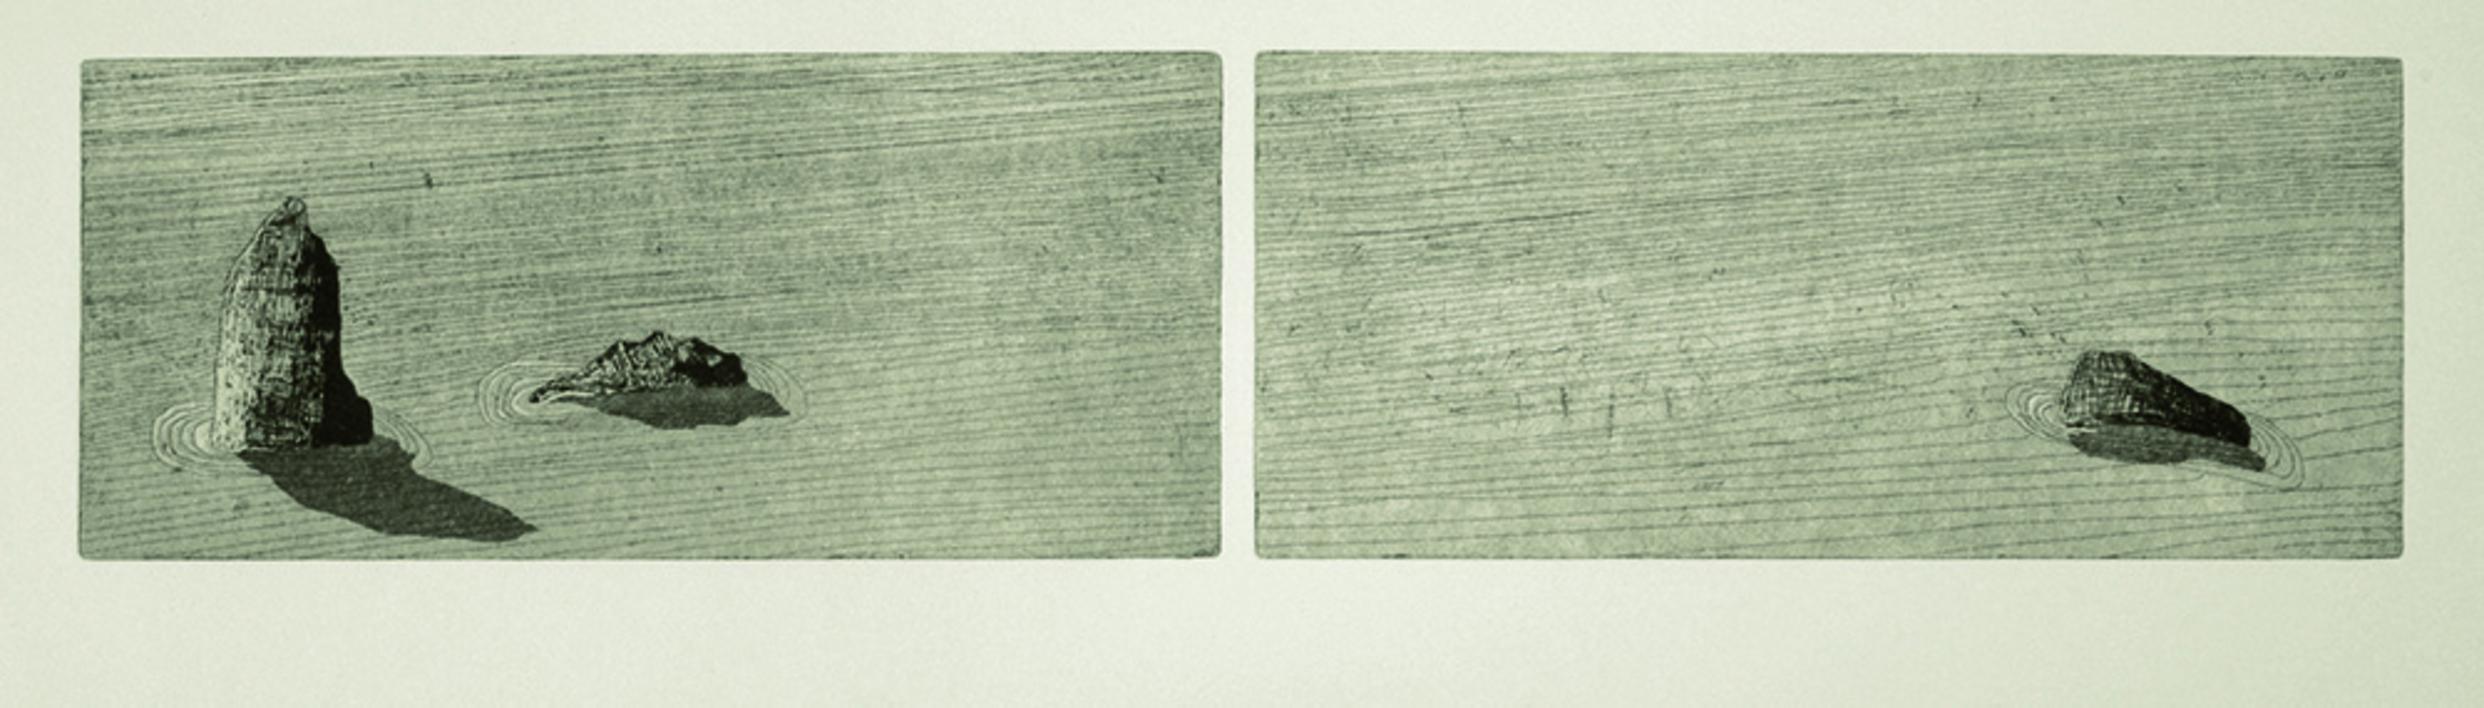 Jardín Zen |Obra gráfica de Prado de Fata | Compra arte en Flecha.es